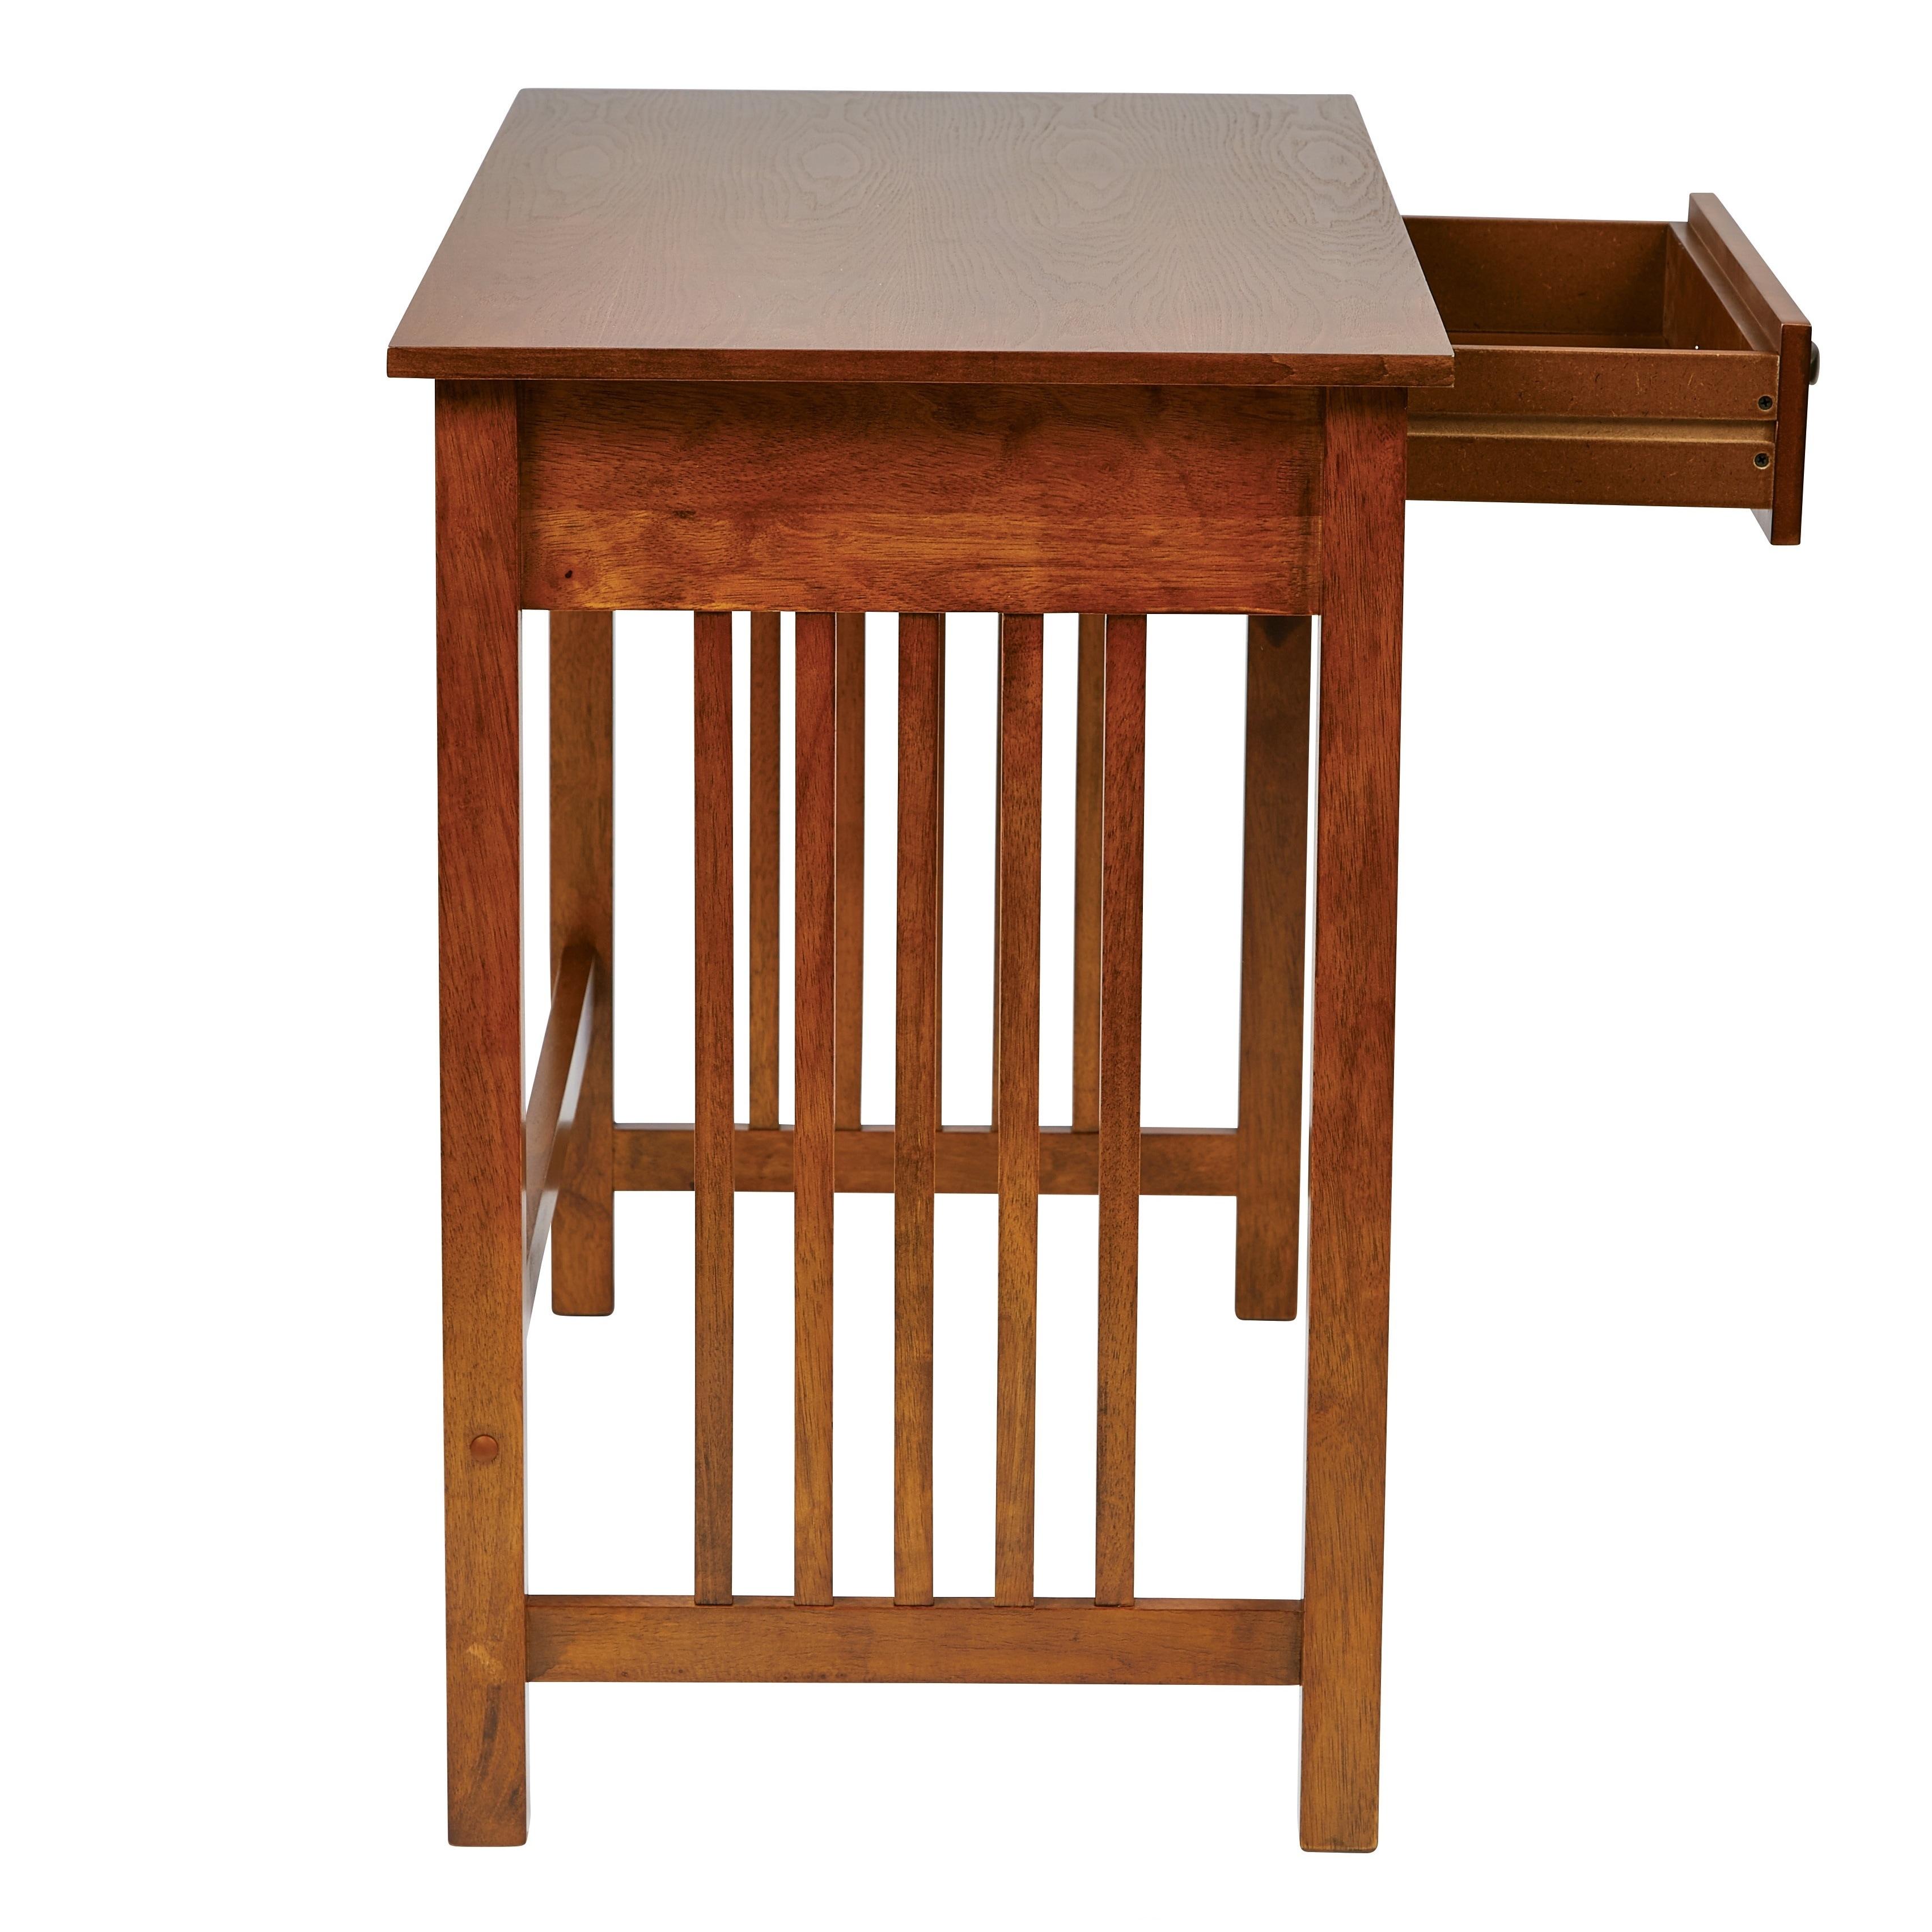 Overstock.com Mission-style Ash Oak Desk